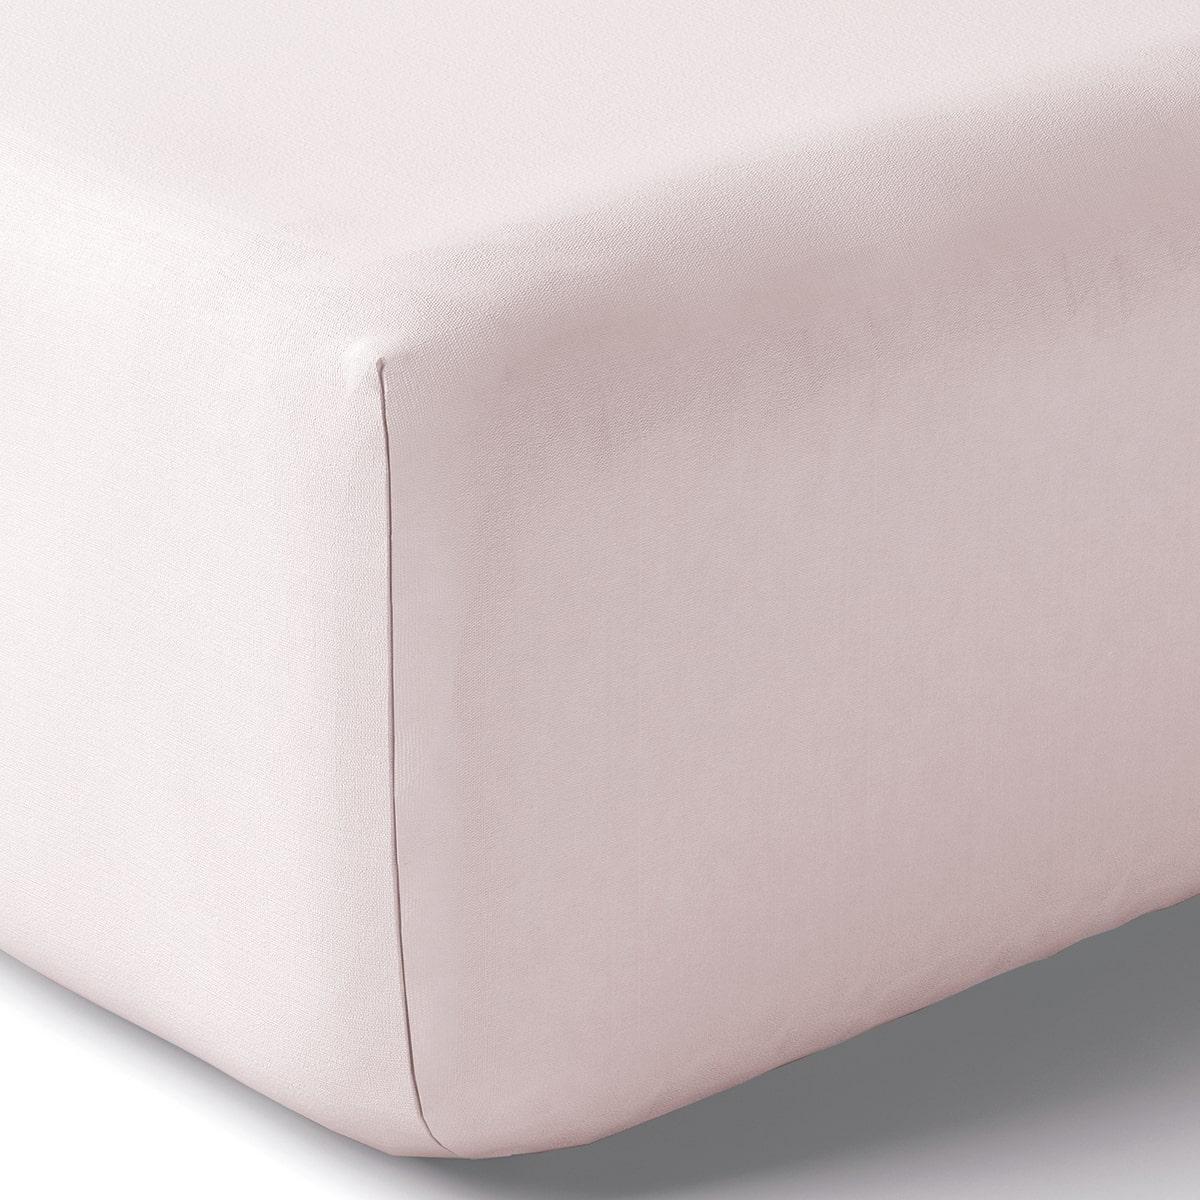 Drap housse coton 80x200 cm ecaille